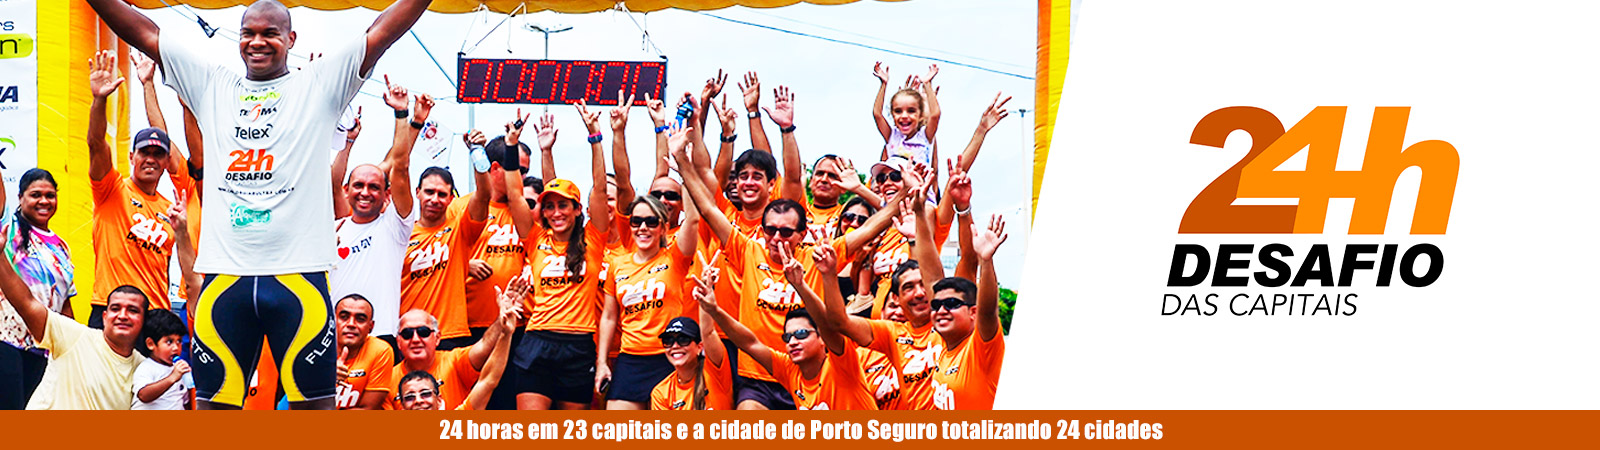 DESAFIO 24 HORAS DAS CAPITAIS - ETAPA PORTO SEGURO/BA - Imagem de topo